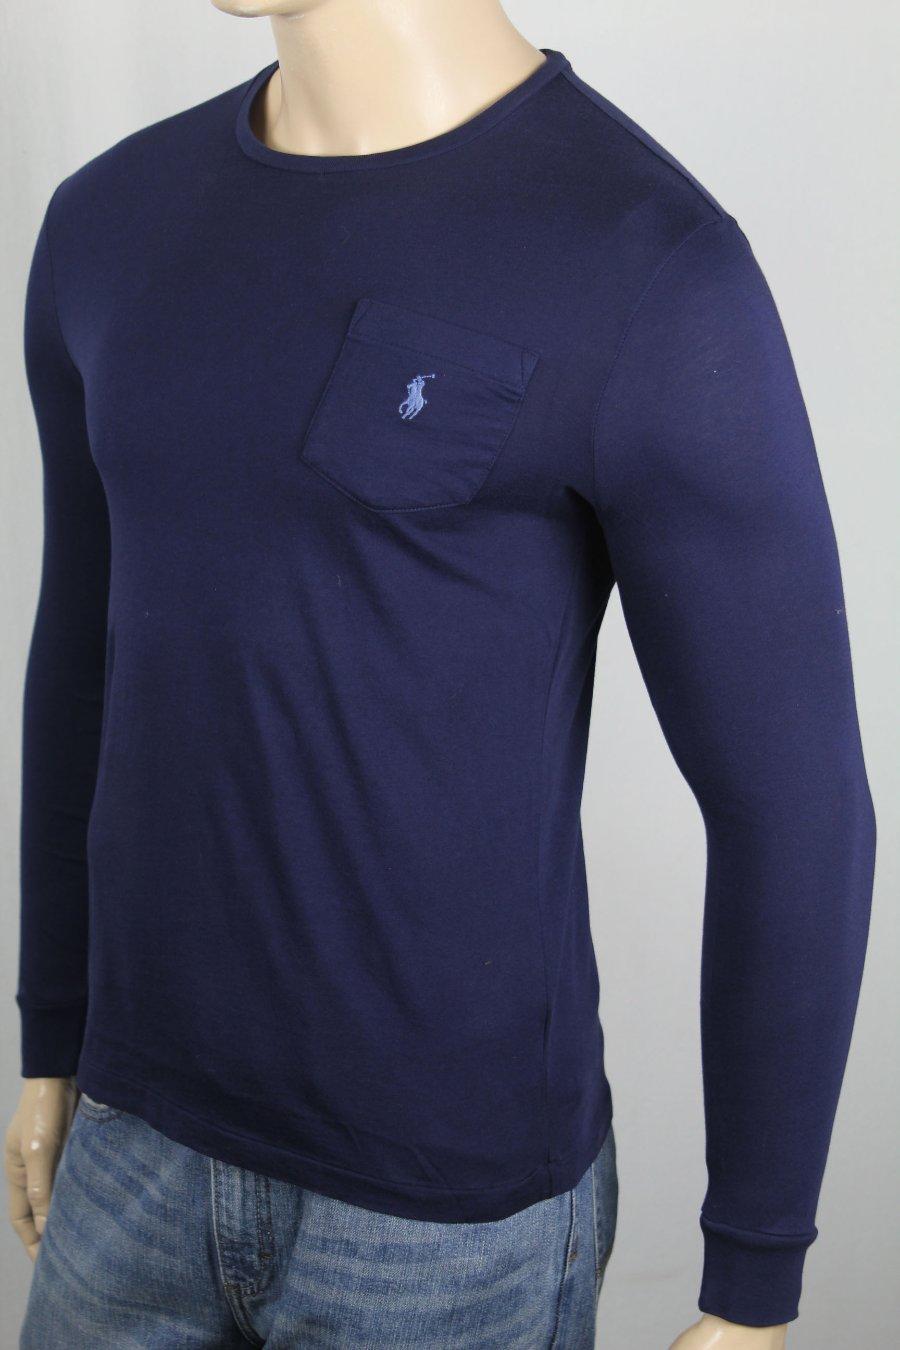 Ras T Shirt Fin Manches Lauren Personnalisé Ralph De Sur Détails Marine Longues Polo Cou thrsQdC